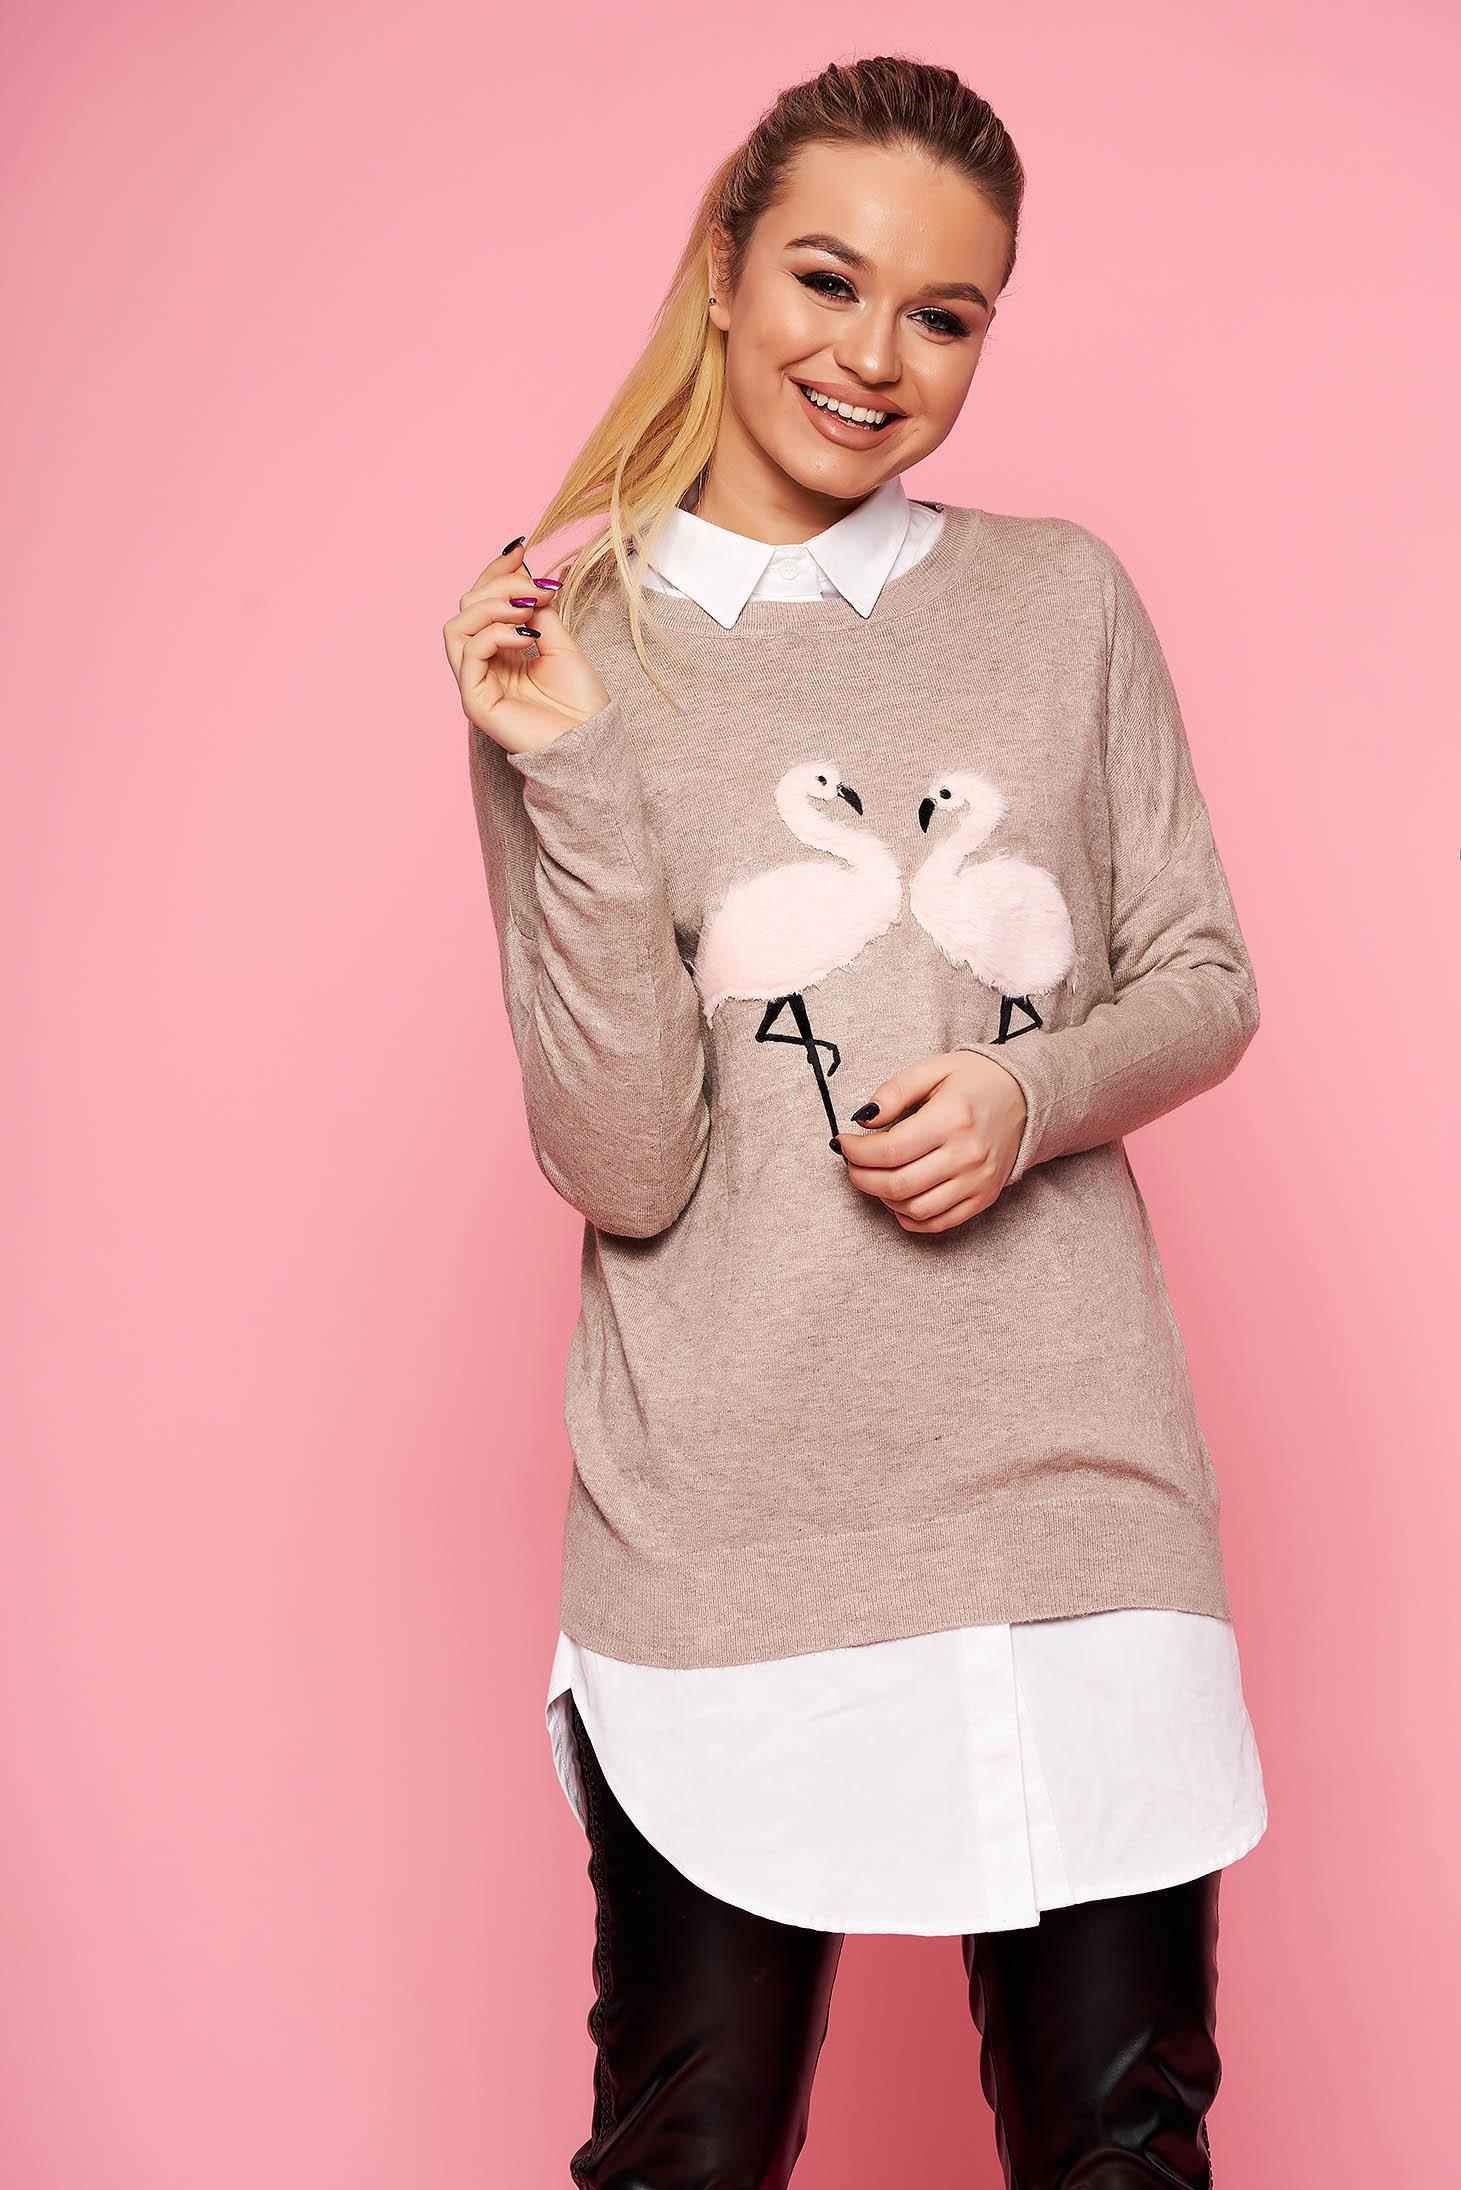 Pulover SunShine cappuccino casual tricotat scurt cu croi larg cu decolteu la baza gatului si insertii cu blana ecologica